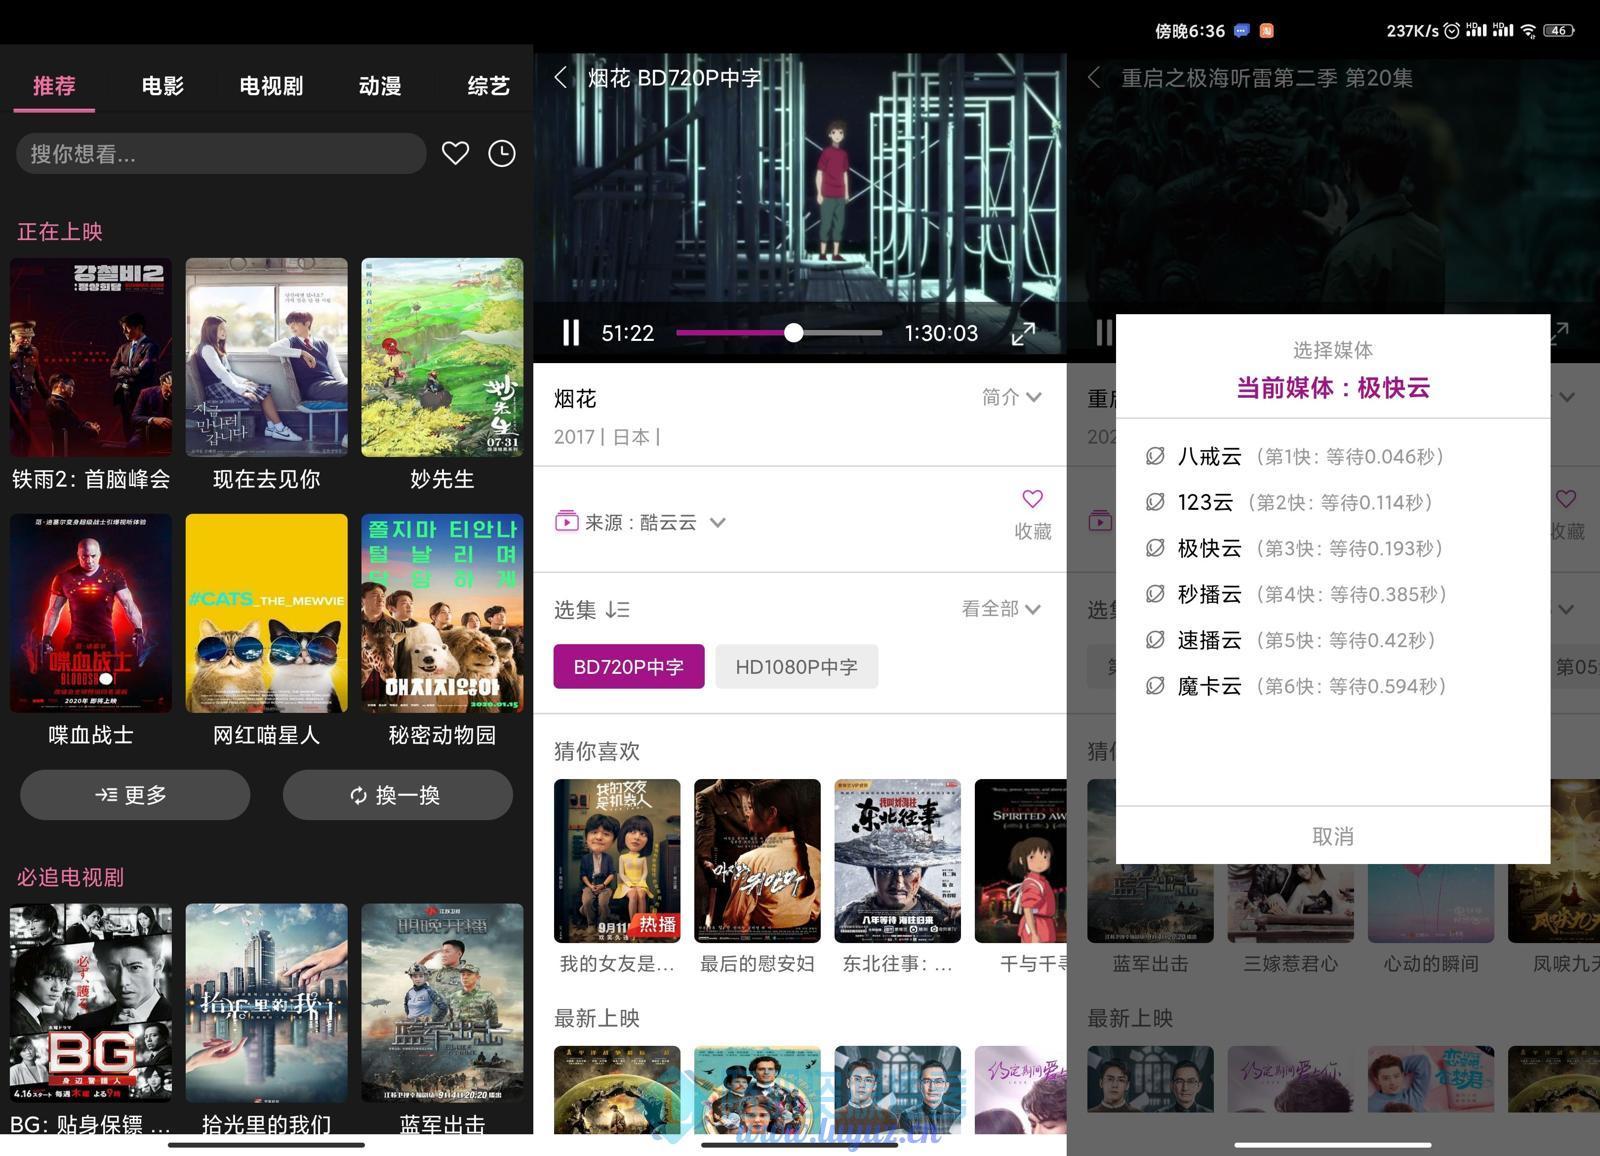 安卓影视-星球视频v1.4.0兼容华为